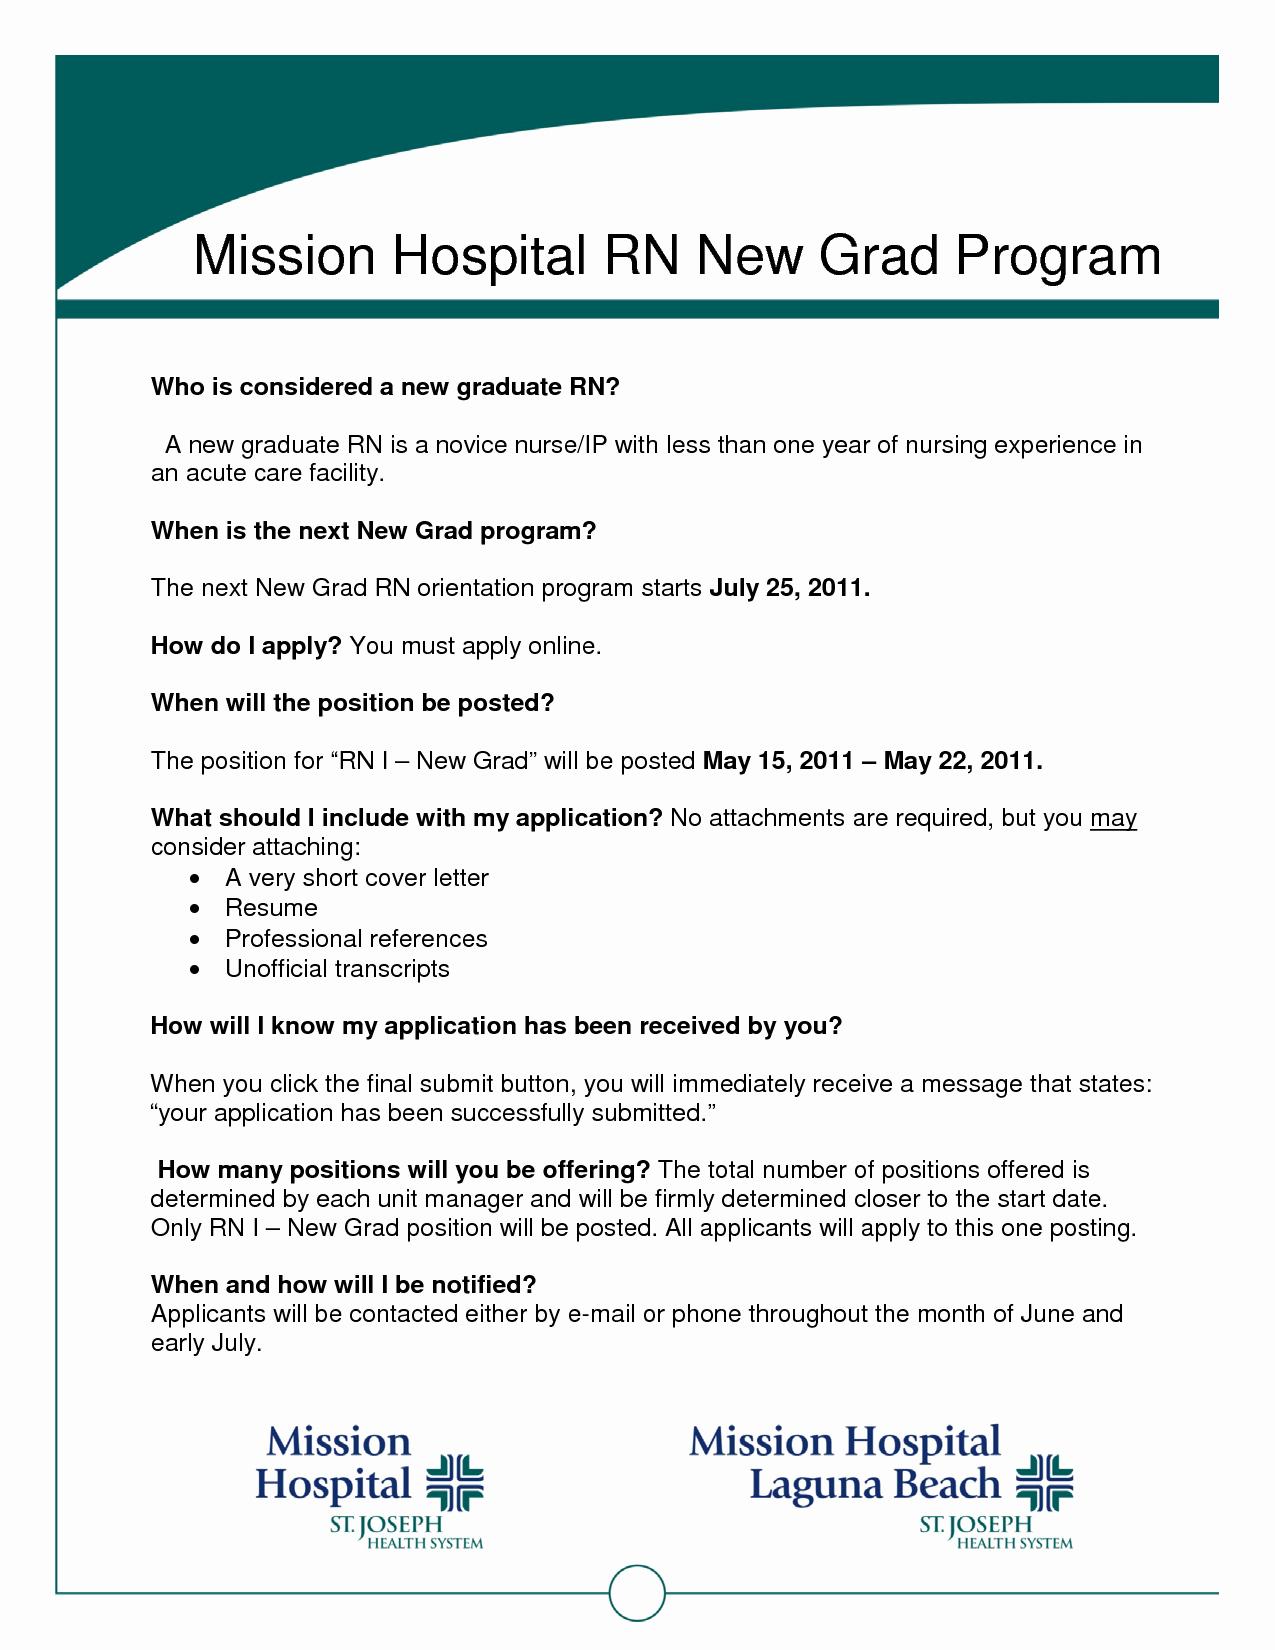 Graduate Nurse Resume Template Resume Ideas